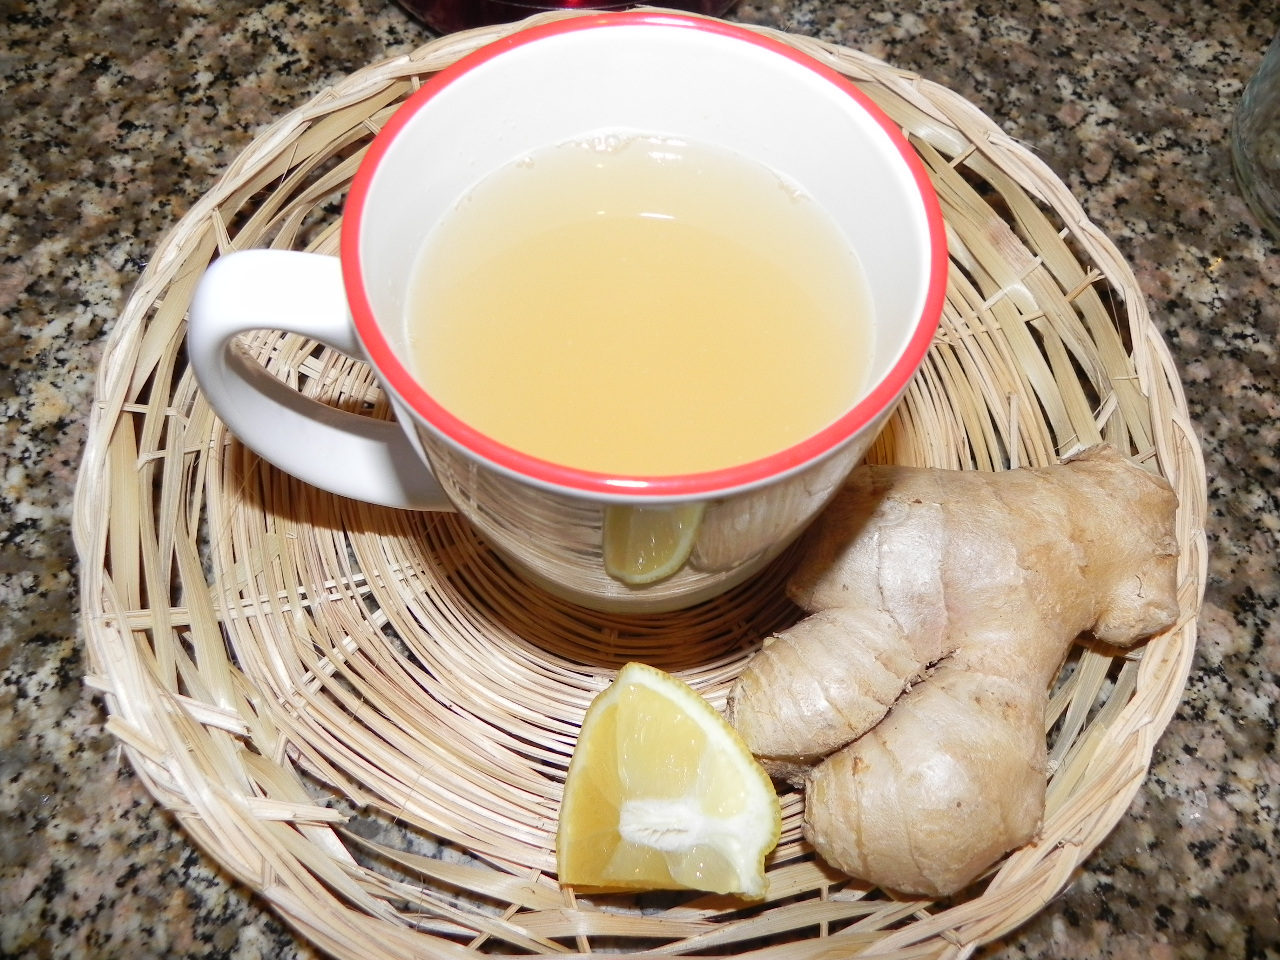 Рецепт имбирного чая: как правильно его приготовить в домашних условиях